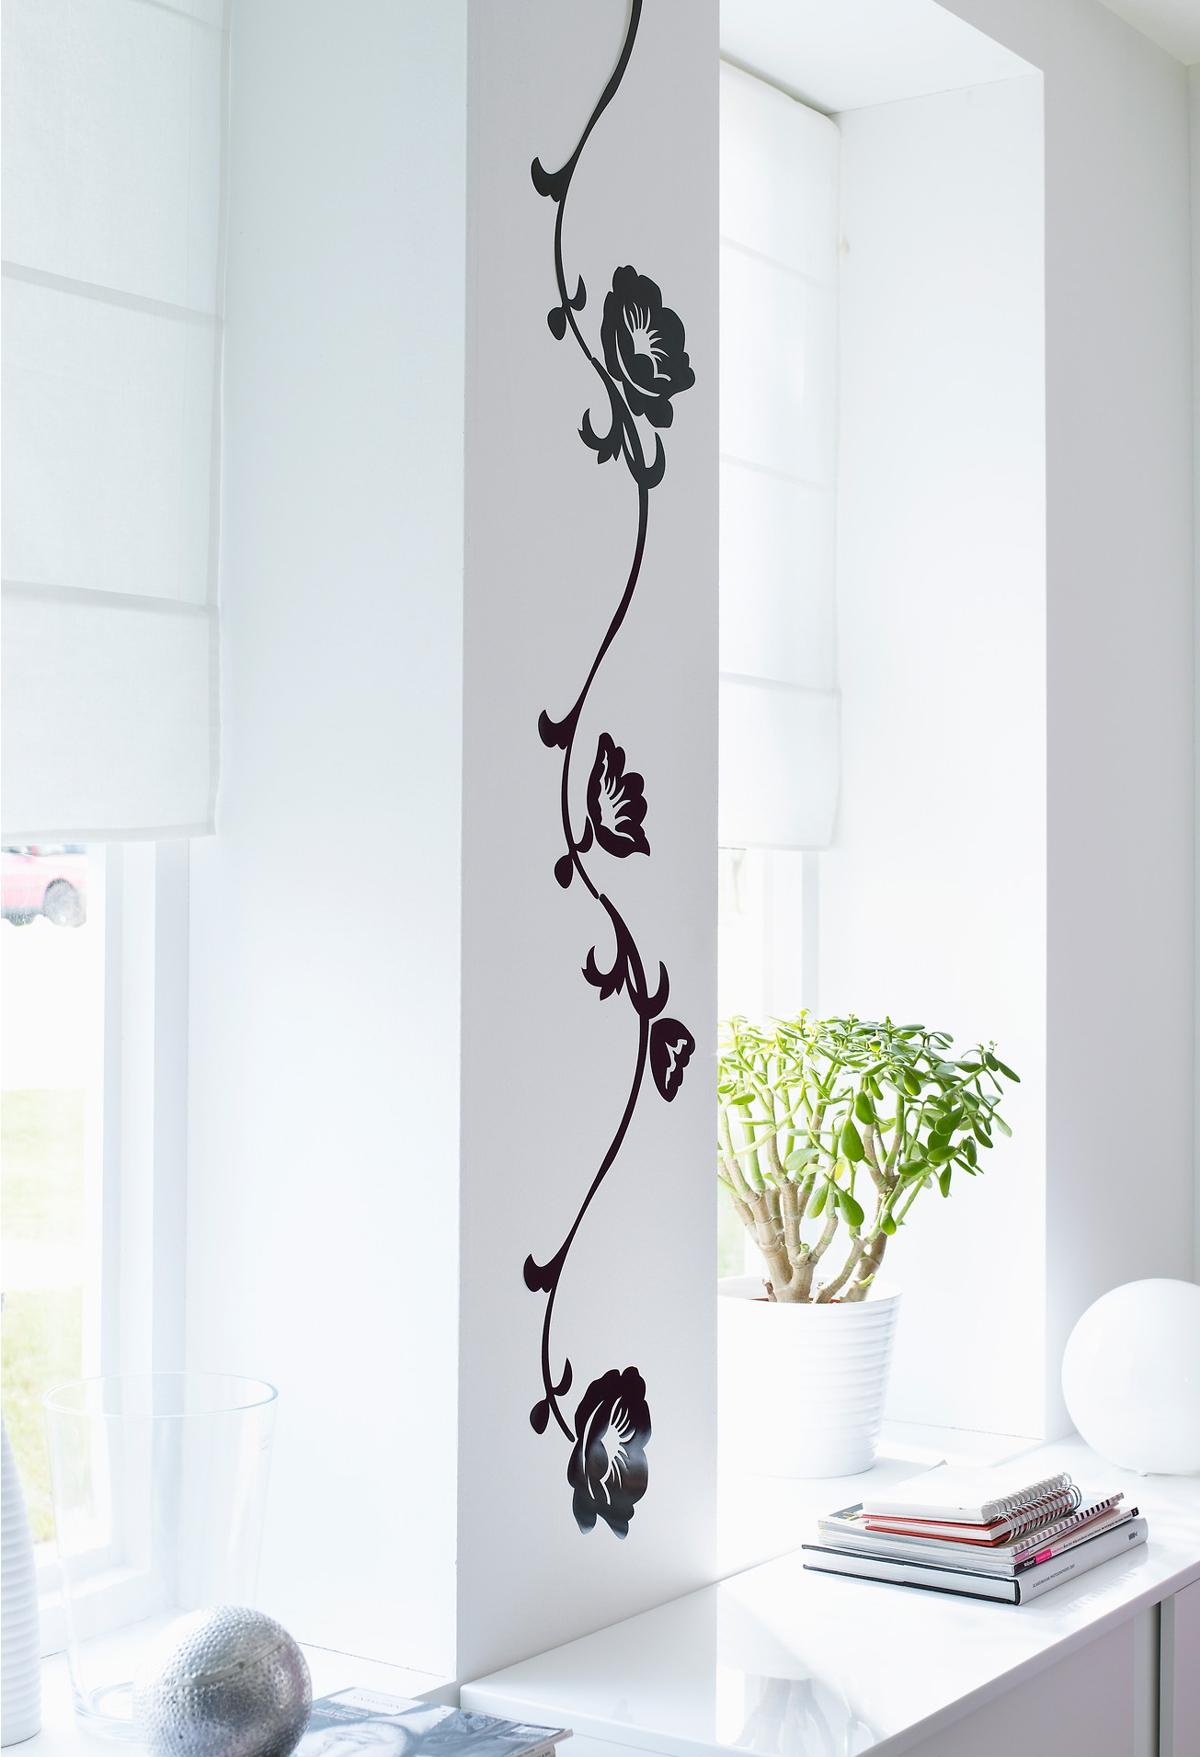 vinilos decorativos de Ikea - mod. Slätthult guirnalda negro